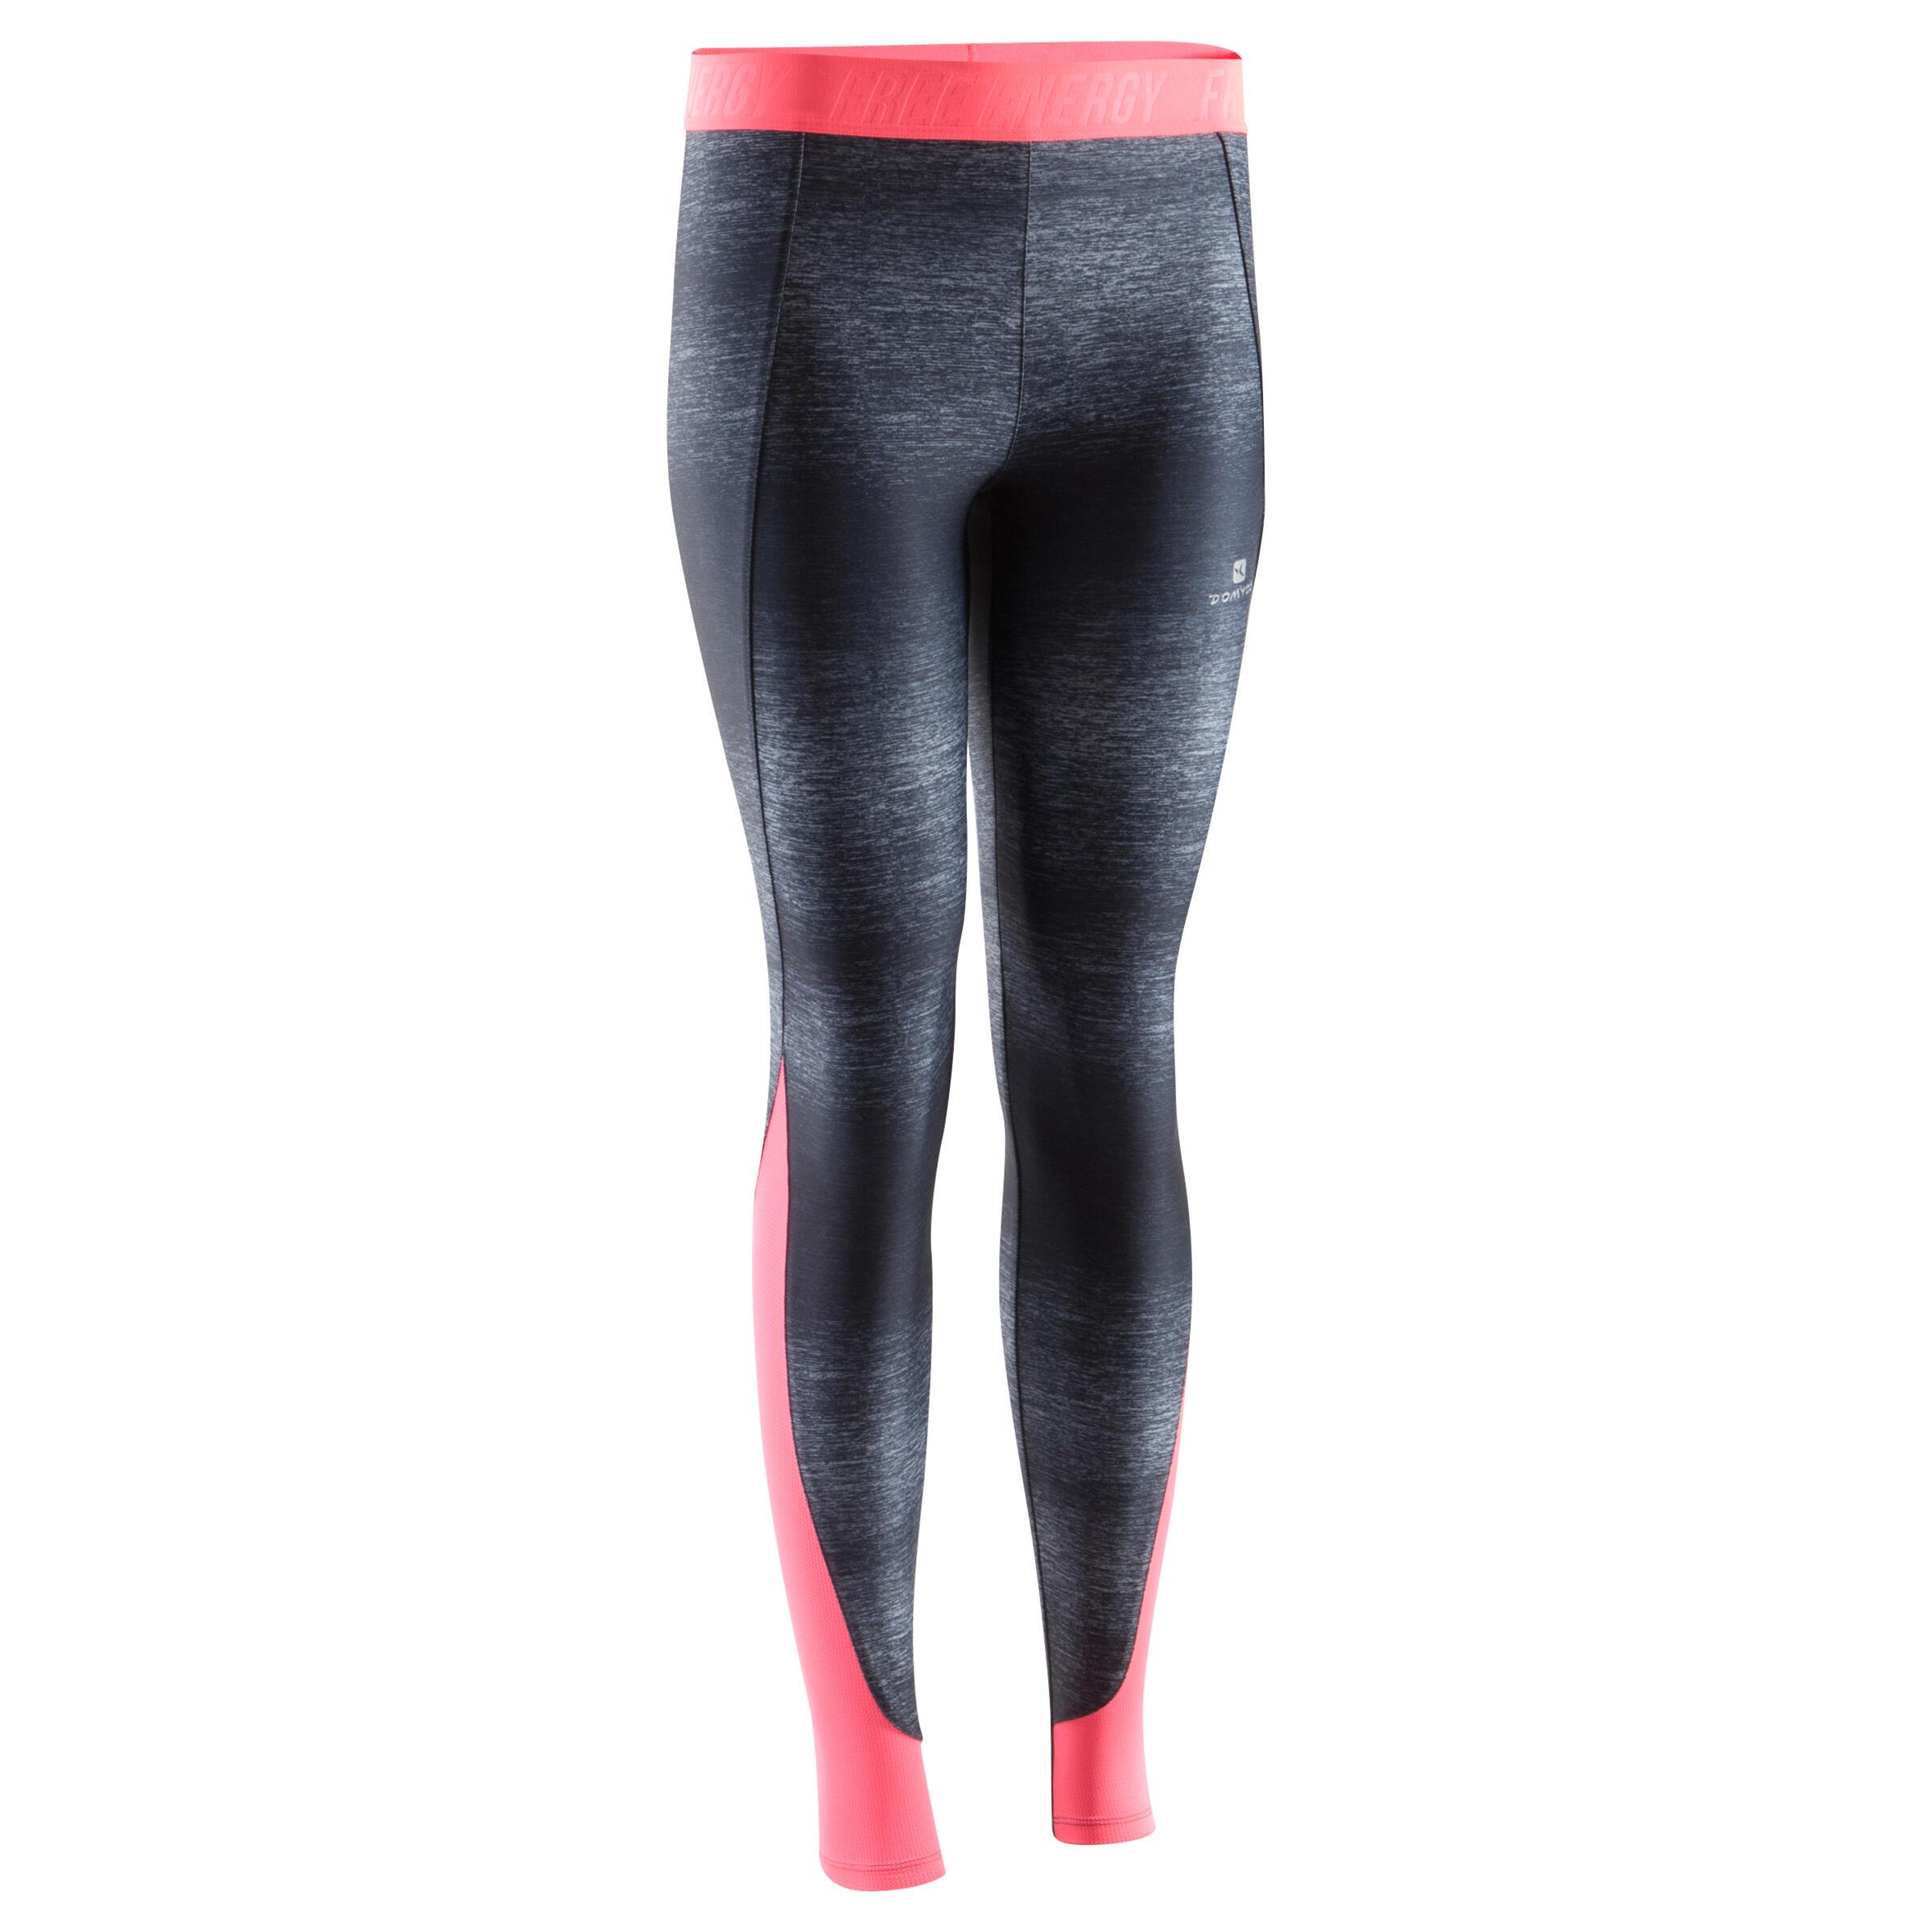 Energy+ Women's Breathable Cardio Fitness Leggings - Mottled Black